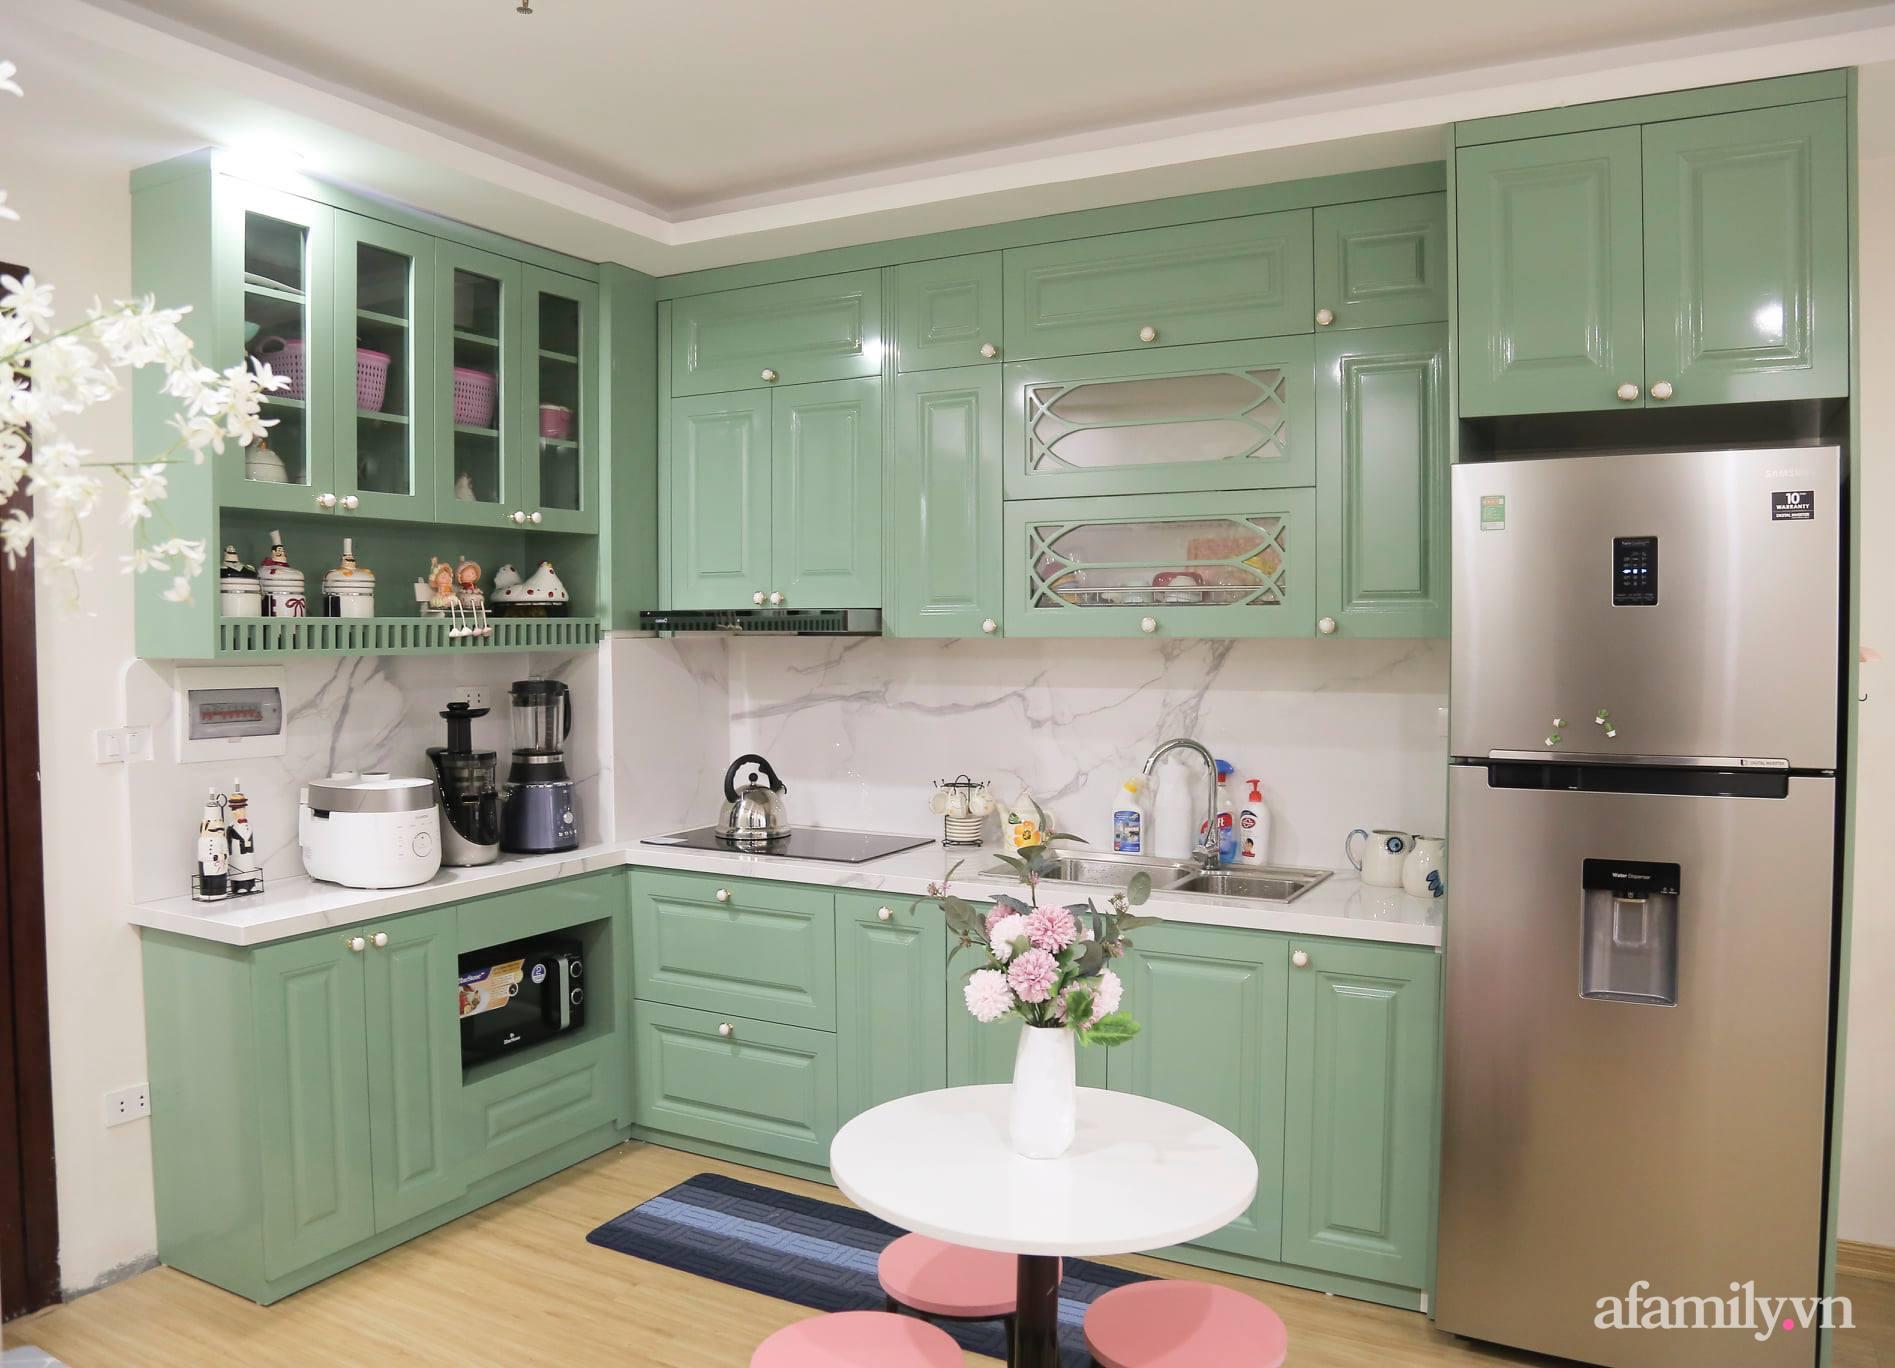 Căn hộ 72m² ngập tràn yêu thương với gam màu xanh mint cùng phong cách tân cổ điển ở Bắc Ninh - Ảnh 6.